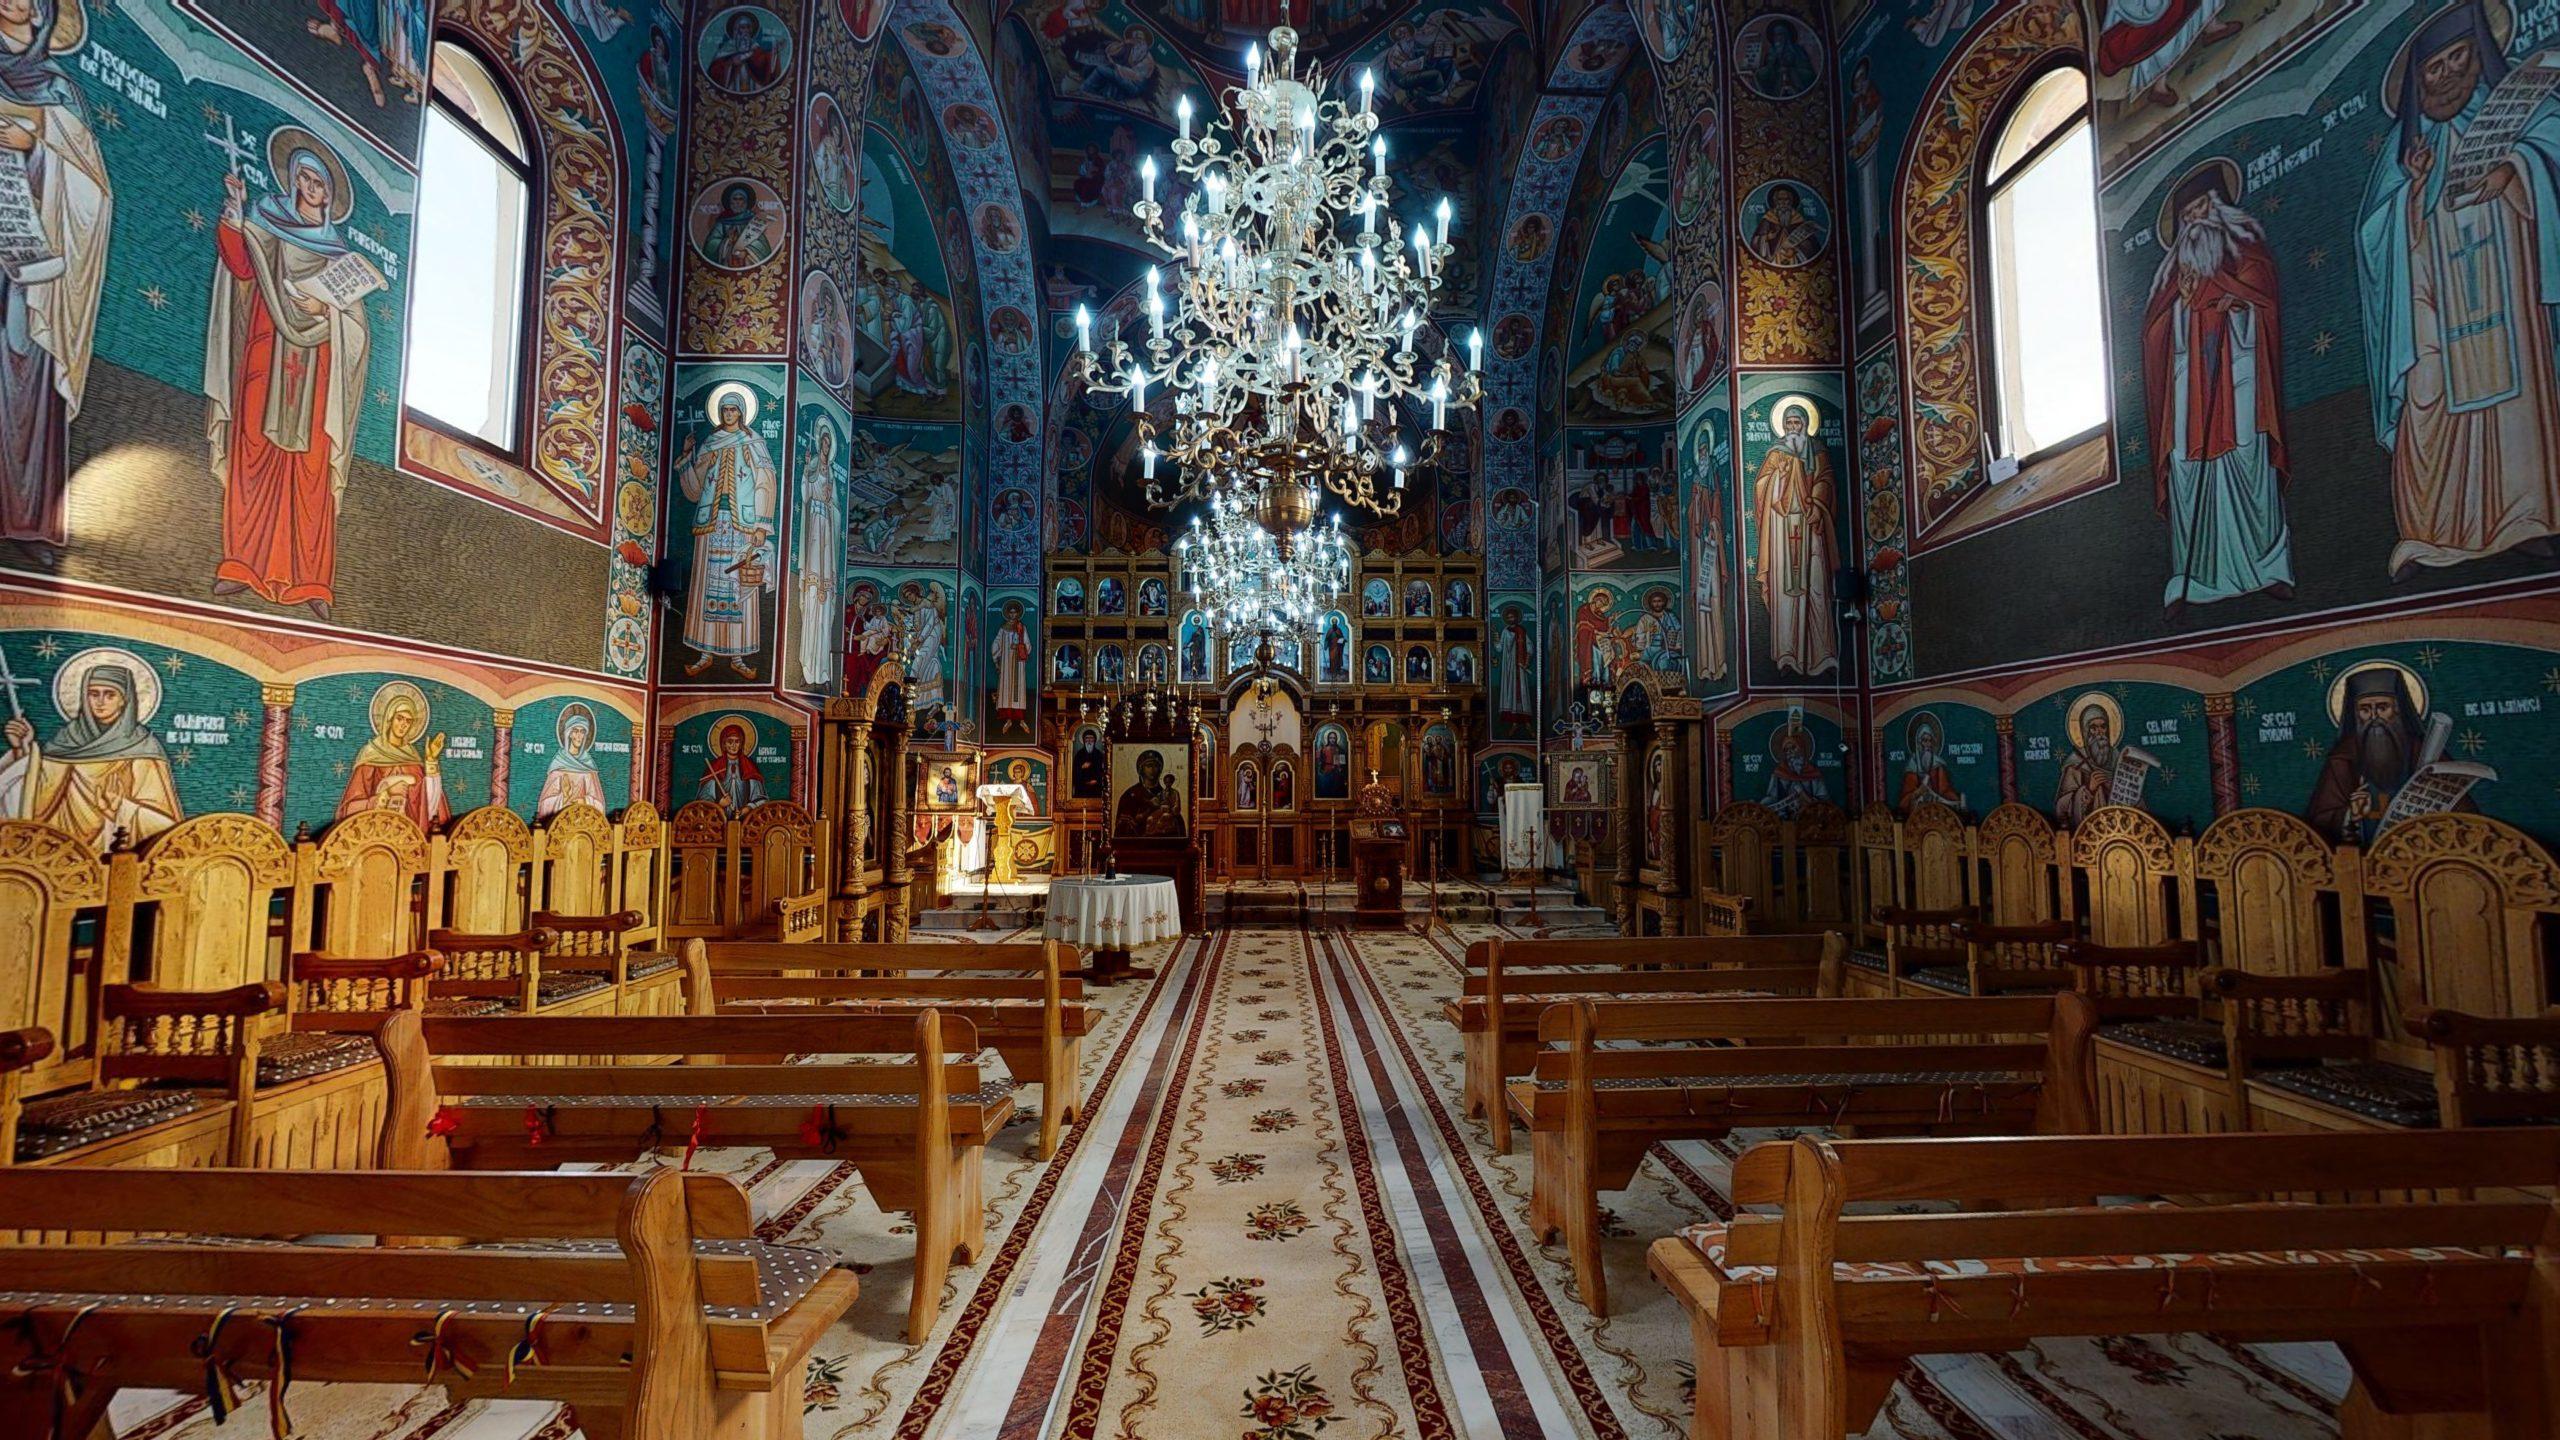 Biserica-Sfintii-Trei-Ierarhi-Flamanzi-11172020_010813